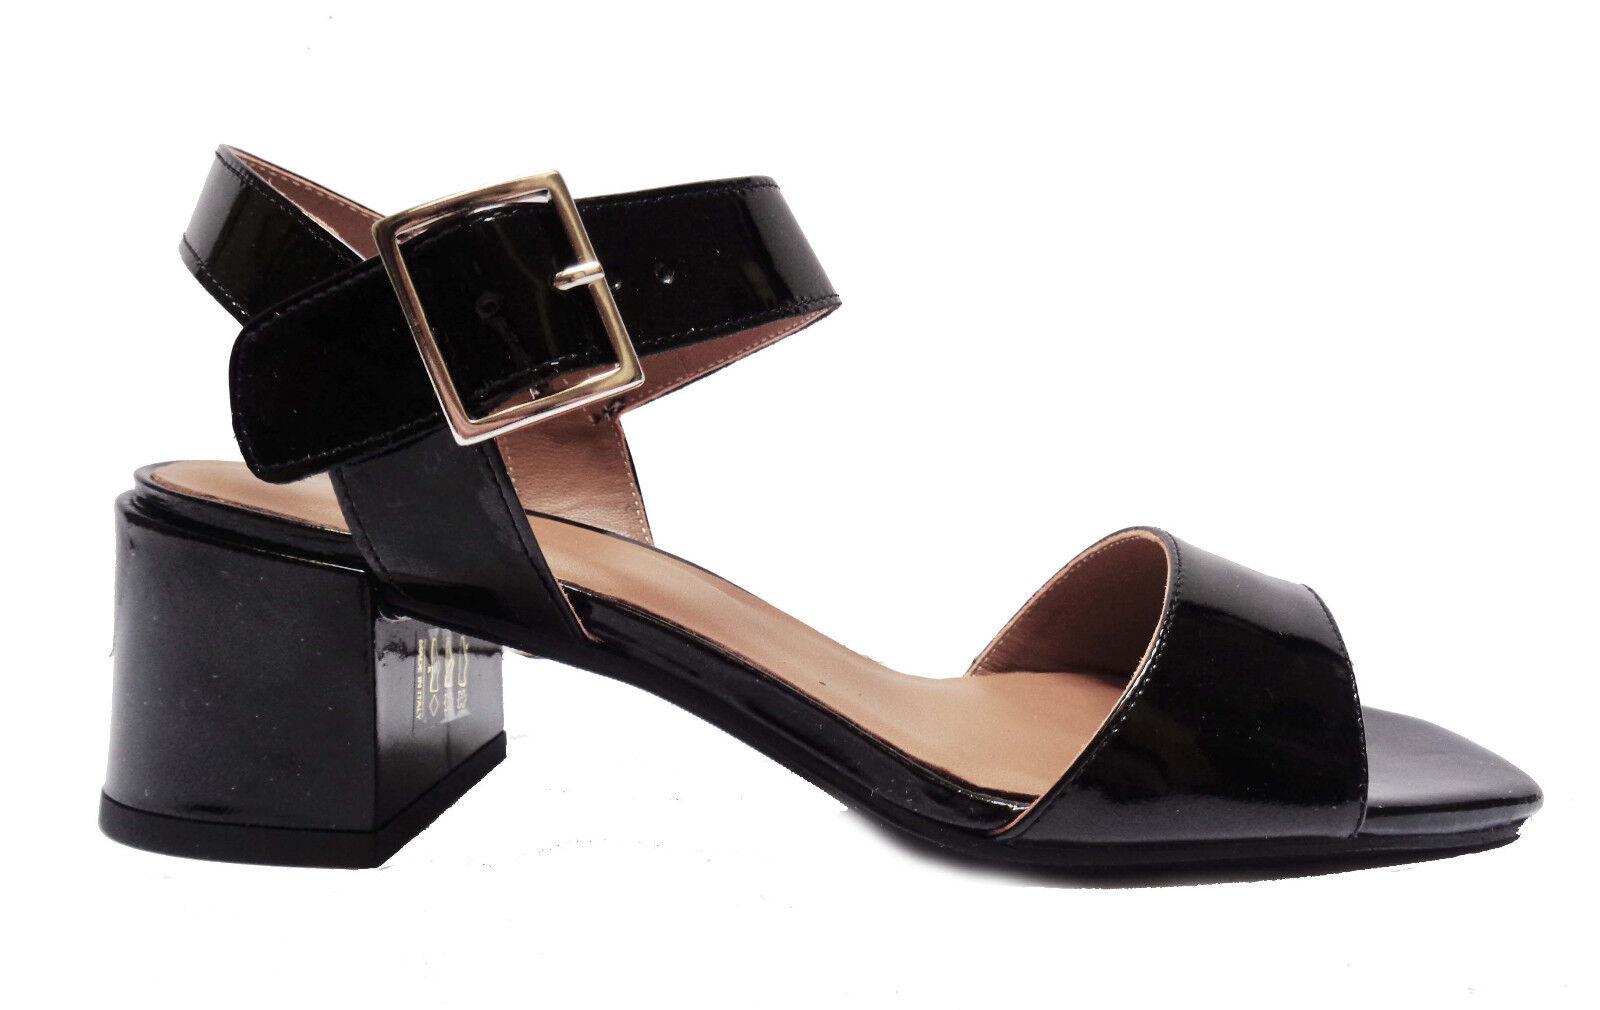 chaussures femmes FRAU 90U2 SANDALI DA femmes IN VERNICE COL. noir TACCO CM. 5